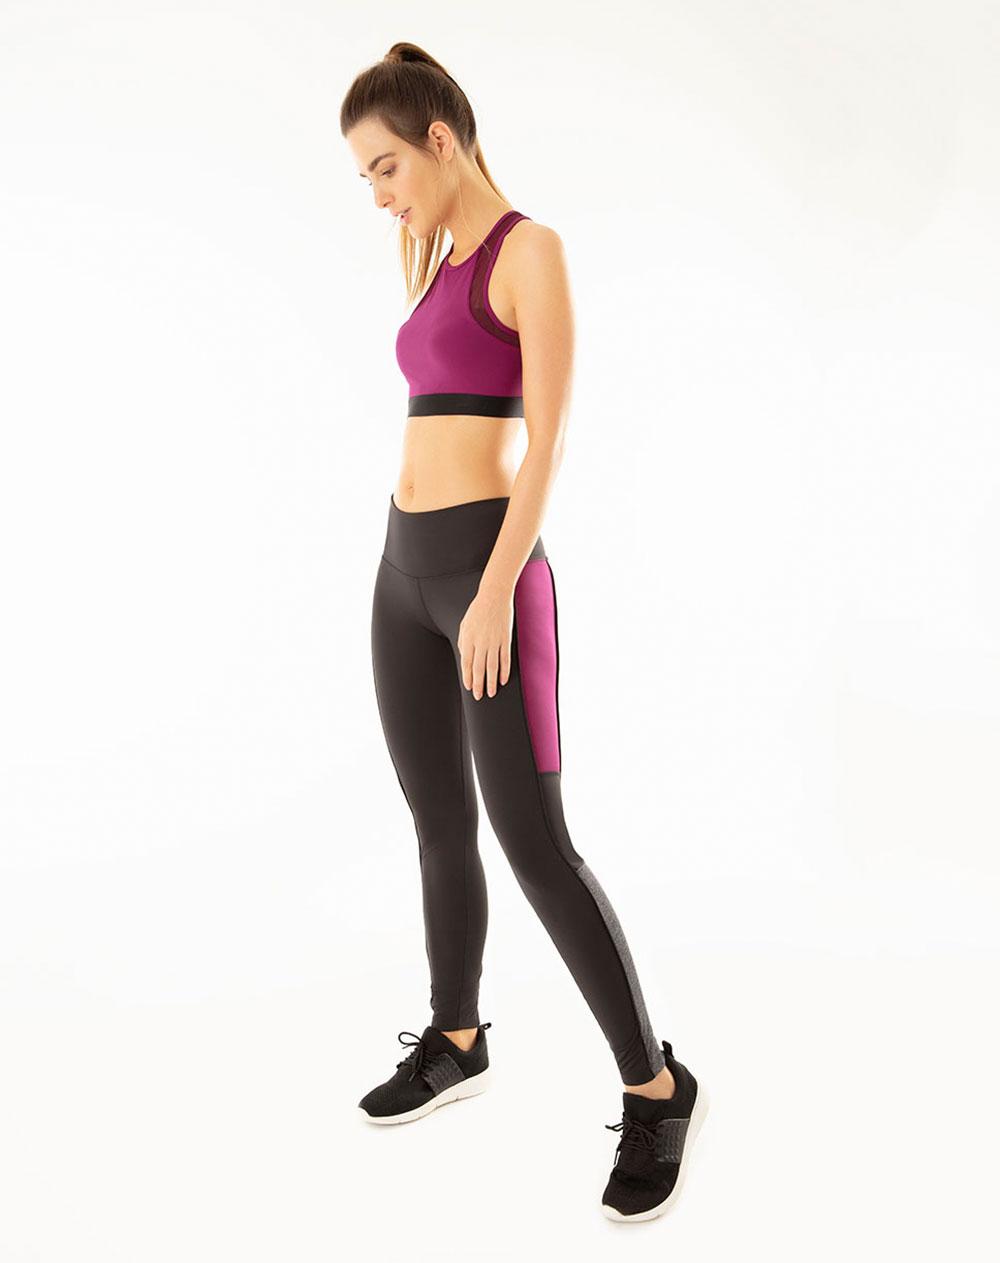 067b0018557 Imagen para Leggings para Mujer Joplu Negros de Gef